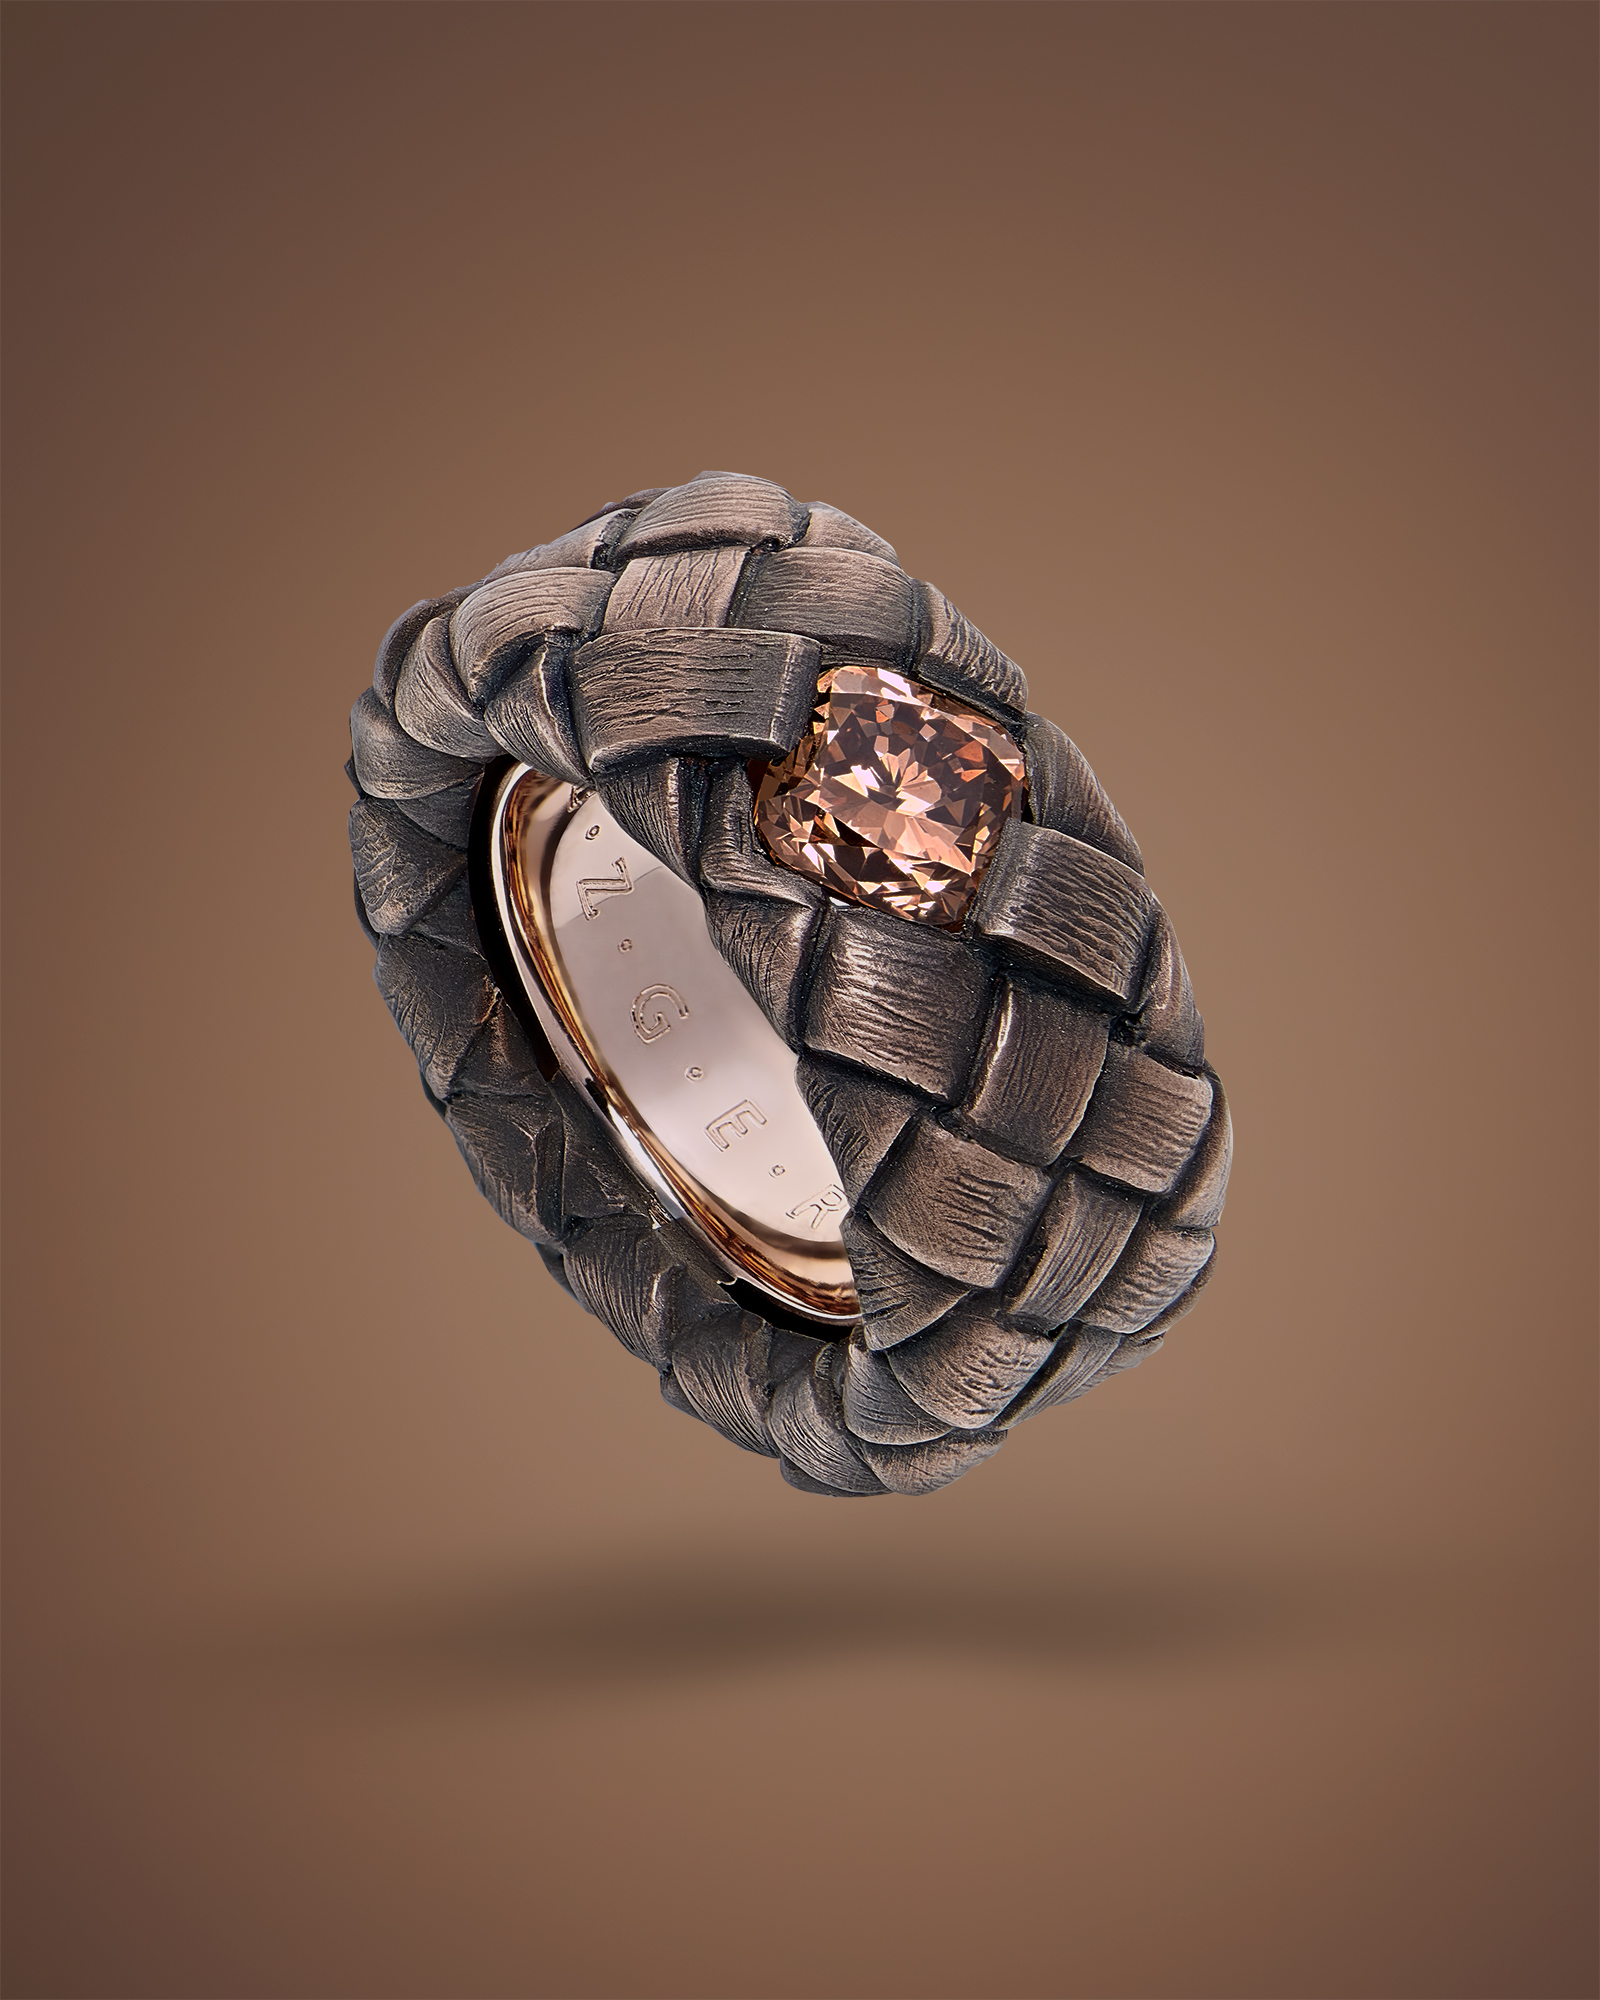 """Bague tressée en or rouge 6N """"deep red"""" 18 Ct 750/1000e, ornée d'un diamant brun """"intense orange brown"""" taillé en coussin de 2,17 carats.Ressort intérieur."""